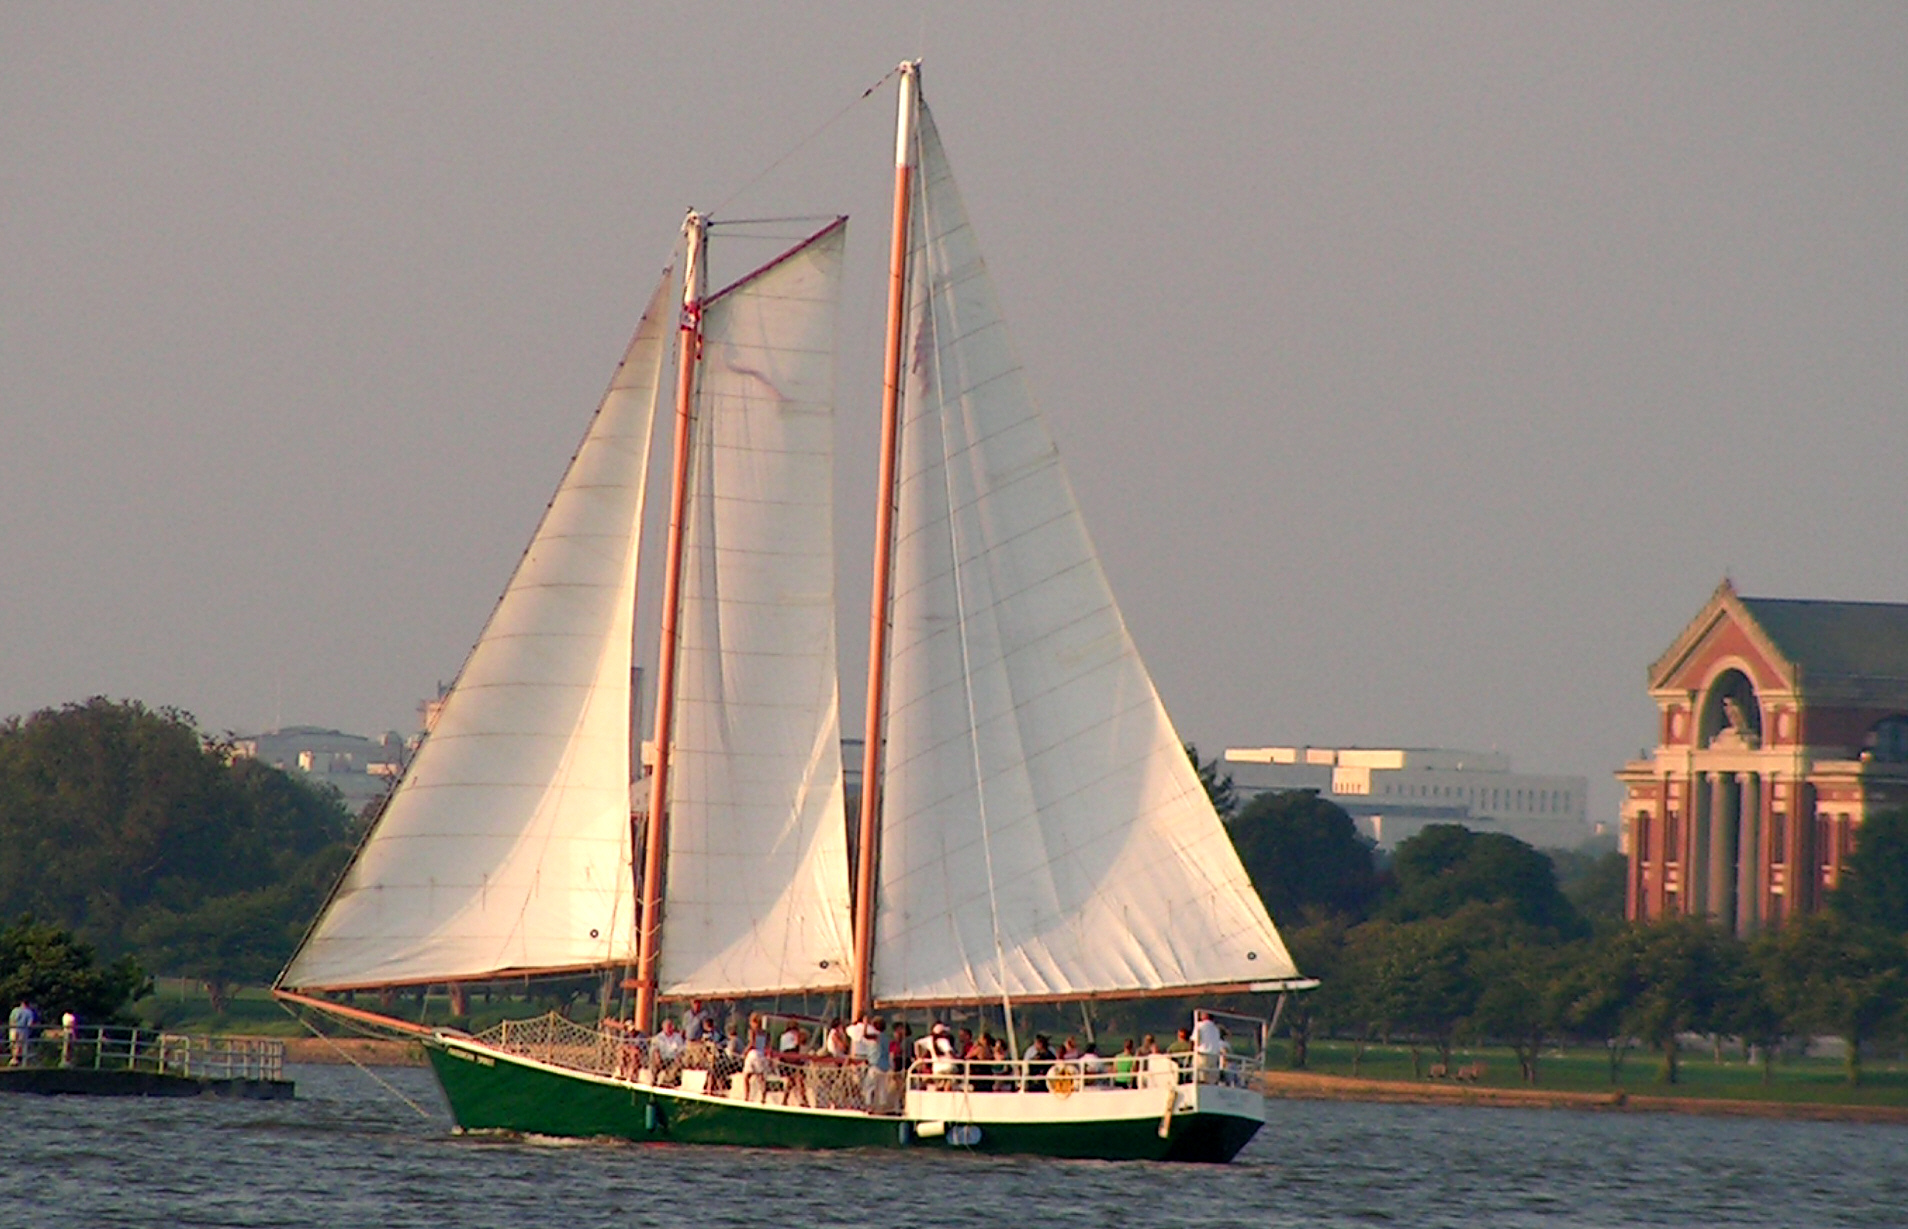 DC Sail - Schooner Sailing